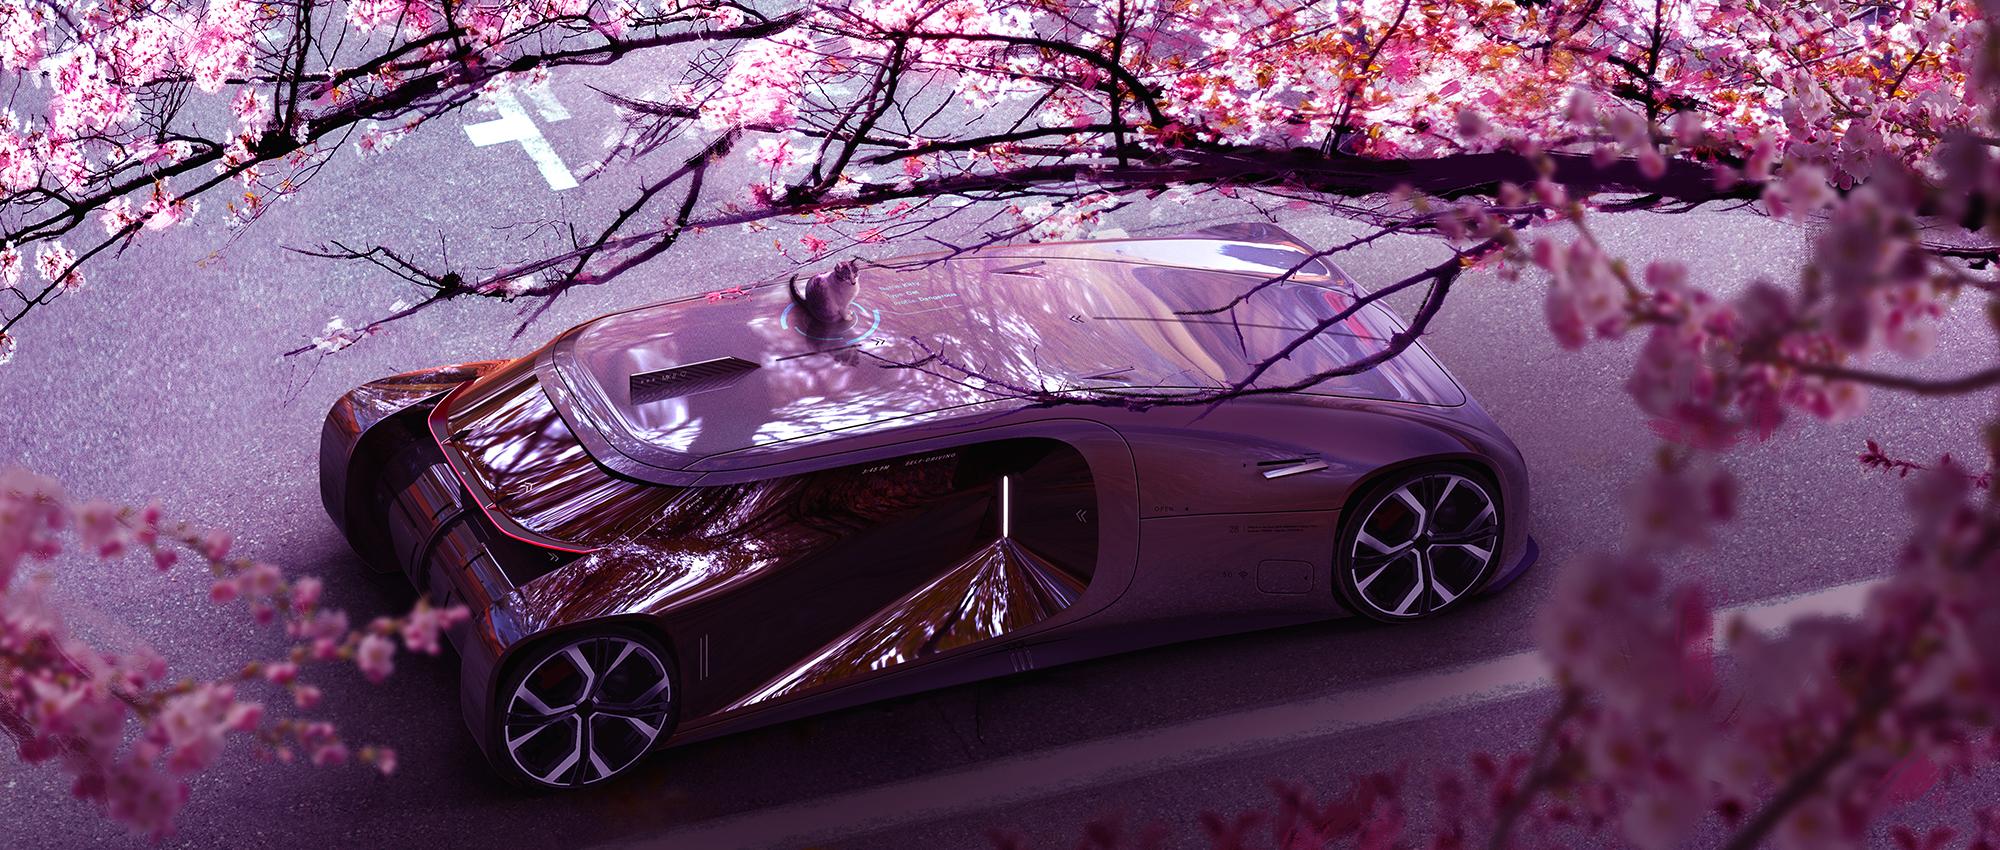 car_003_scene_01_web